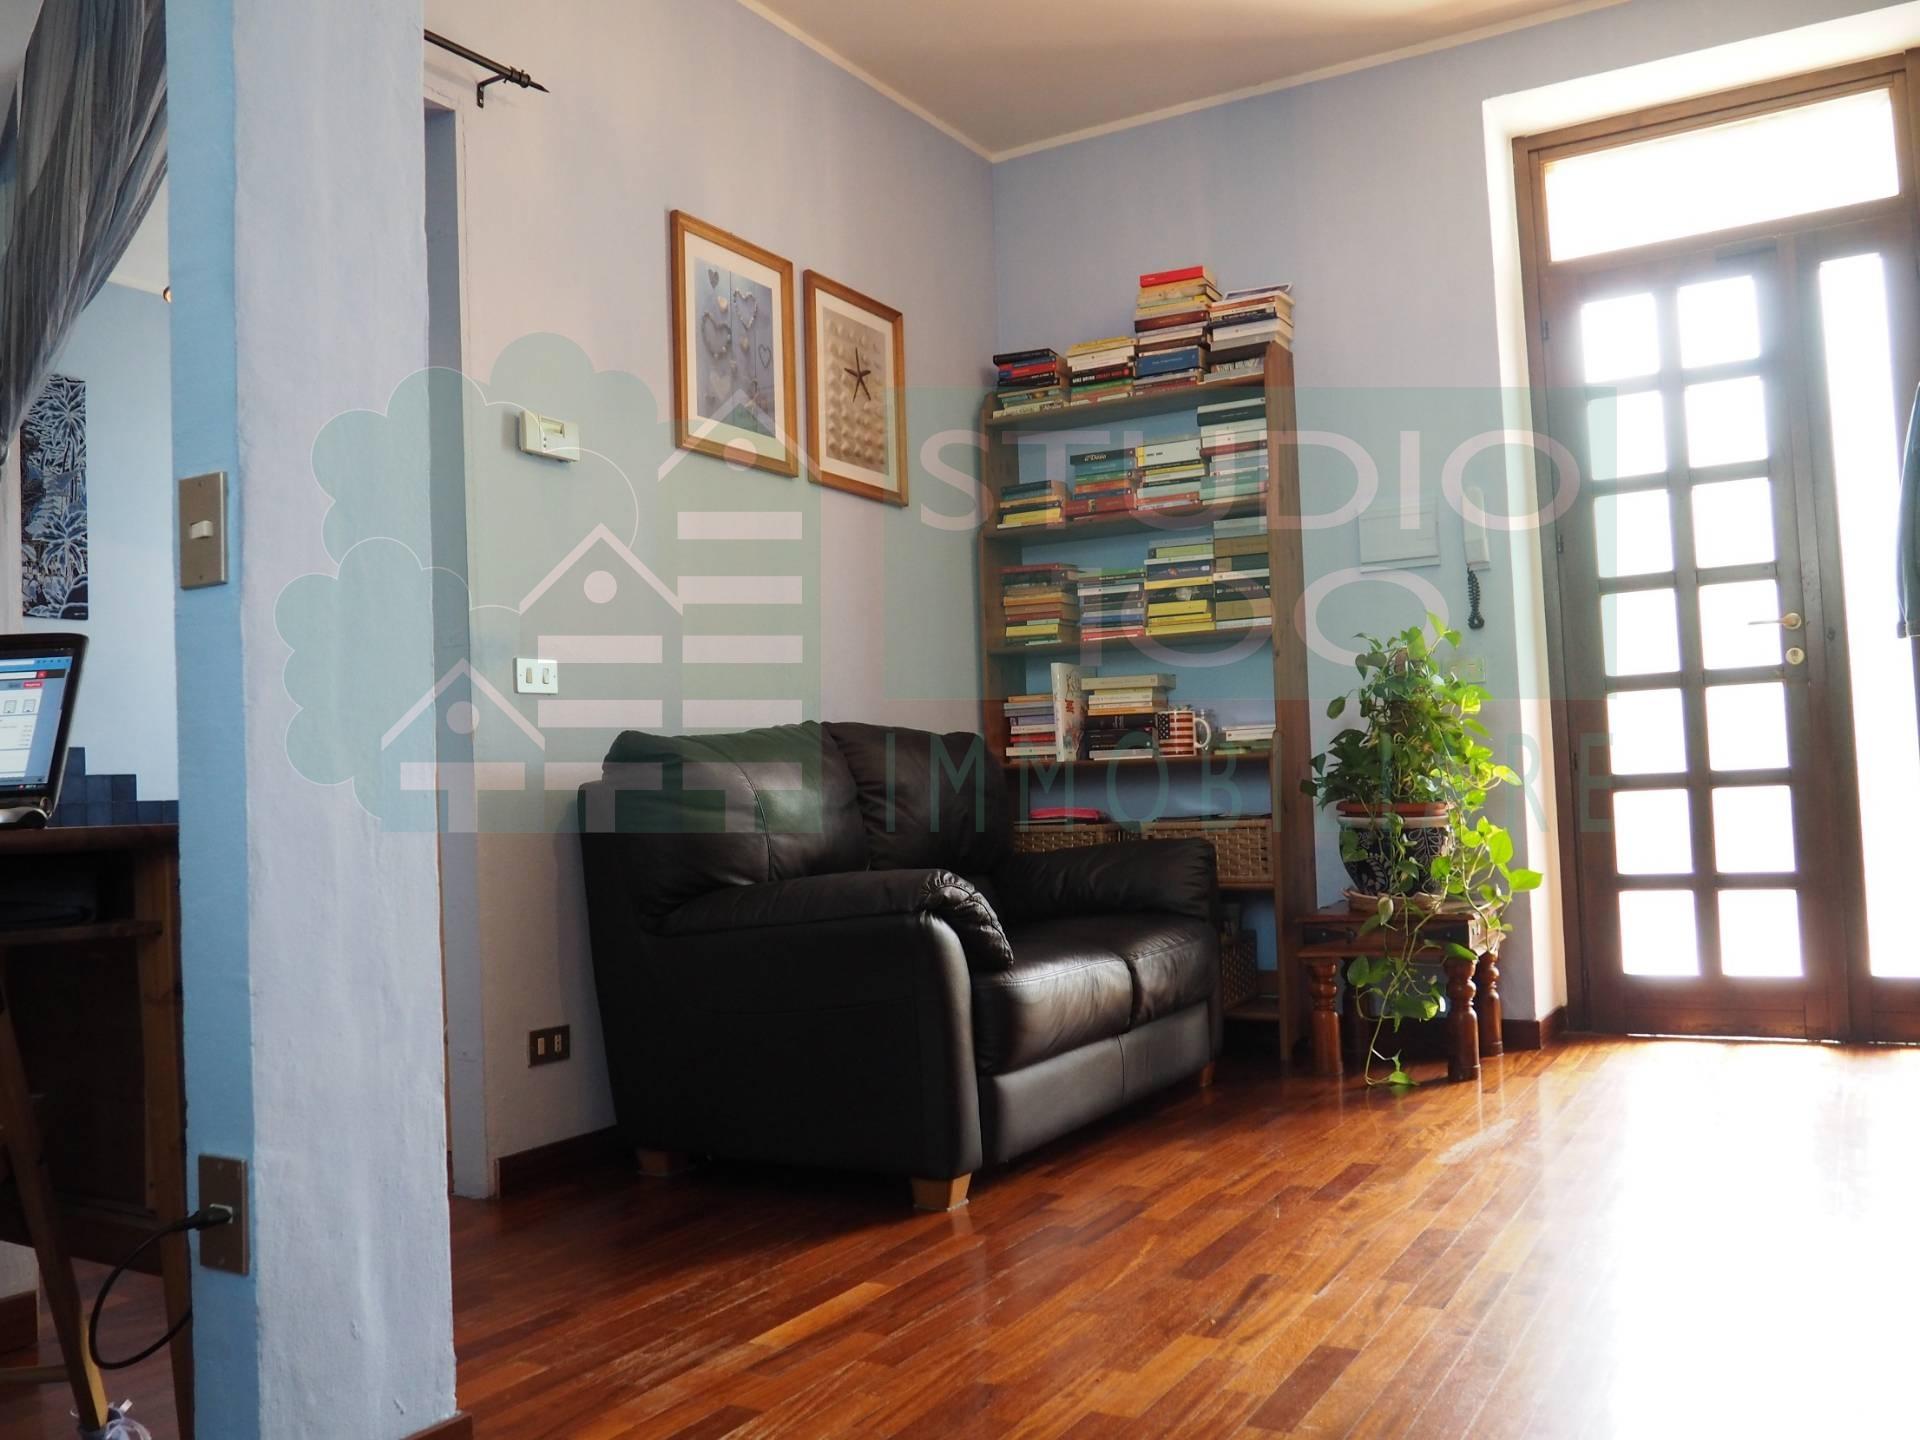 Appartamento in vendita a Casorate Sempione, 2 locali, prezzo € 55.000 | CambioCasa.it